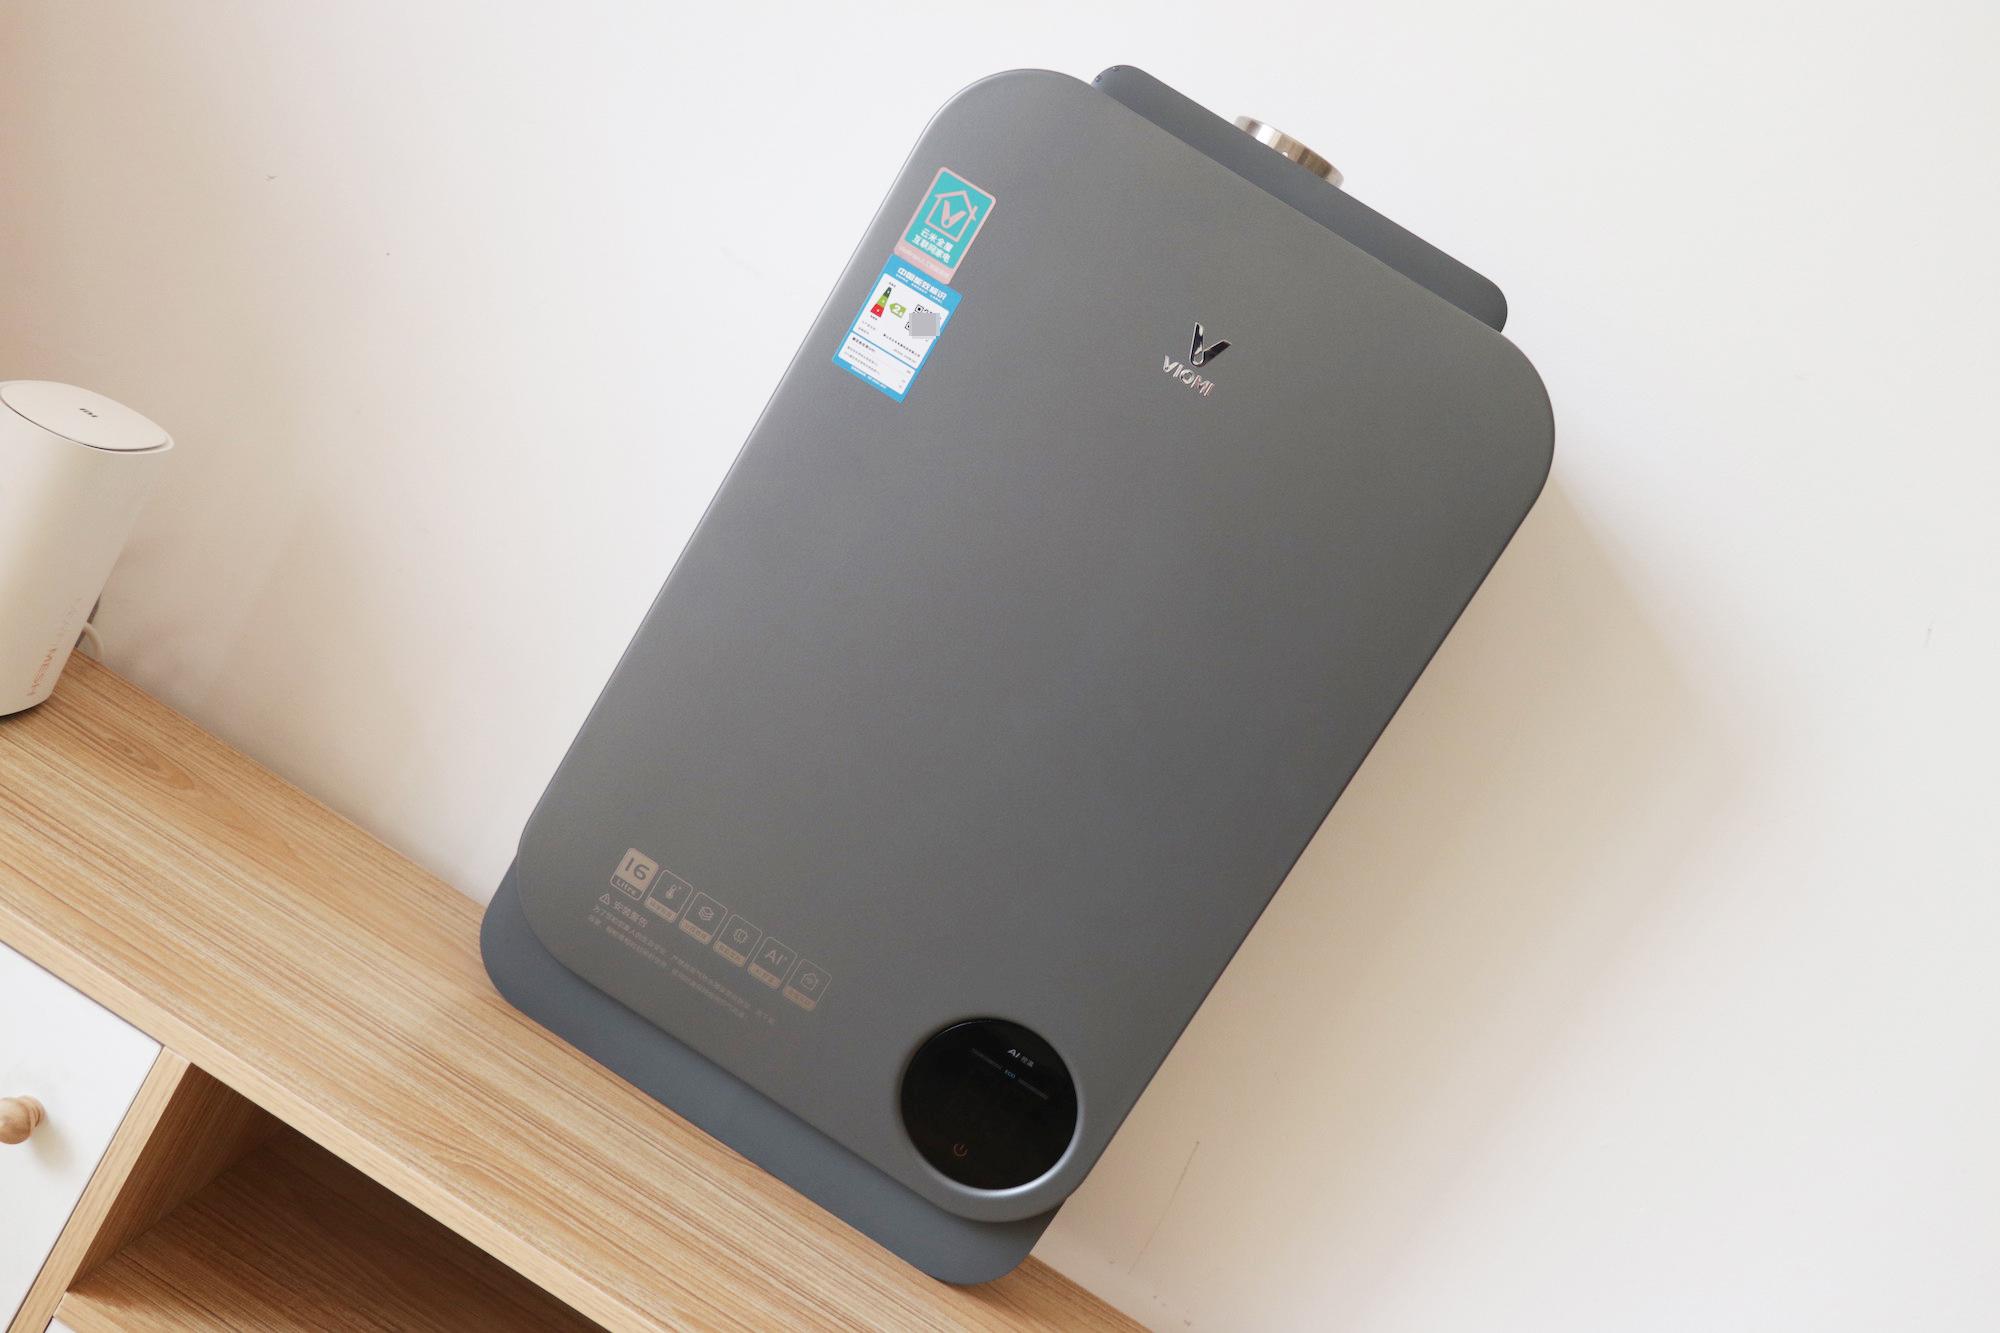 云米S1燃气热水器:自动调节水温,±0.5°AI智能恒温,懒人必备